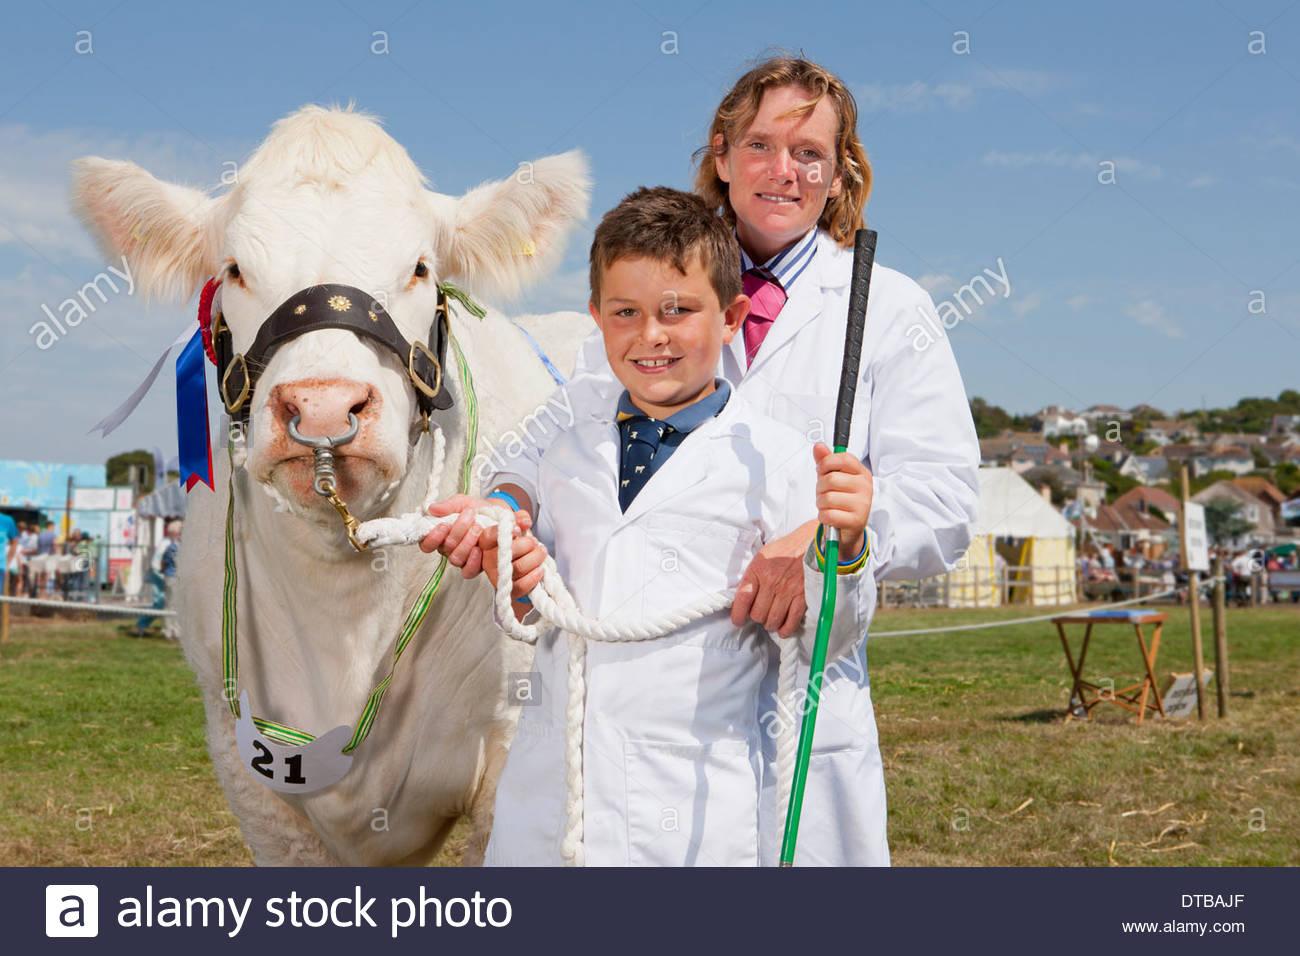 Mutter und Sohn mit Preis gewinnen Kuh auf landwirtschaftliche Messe Stockbild